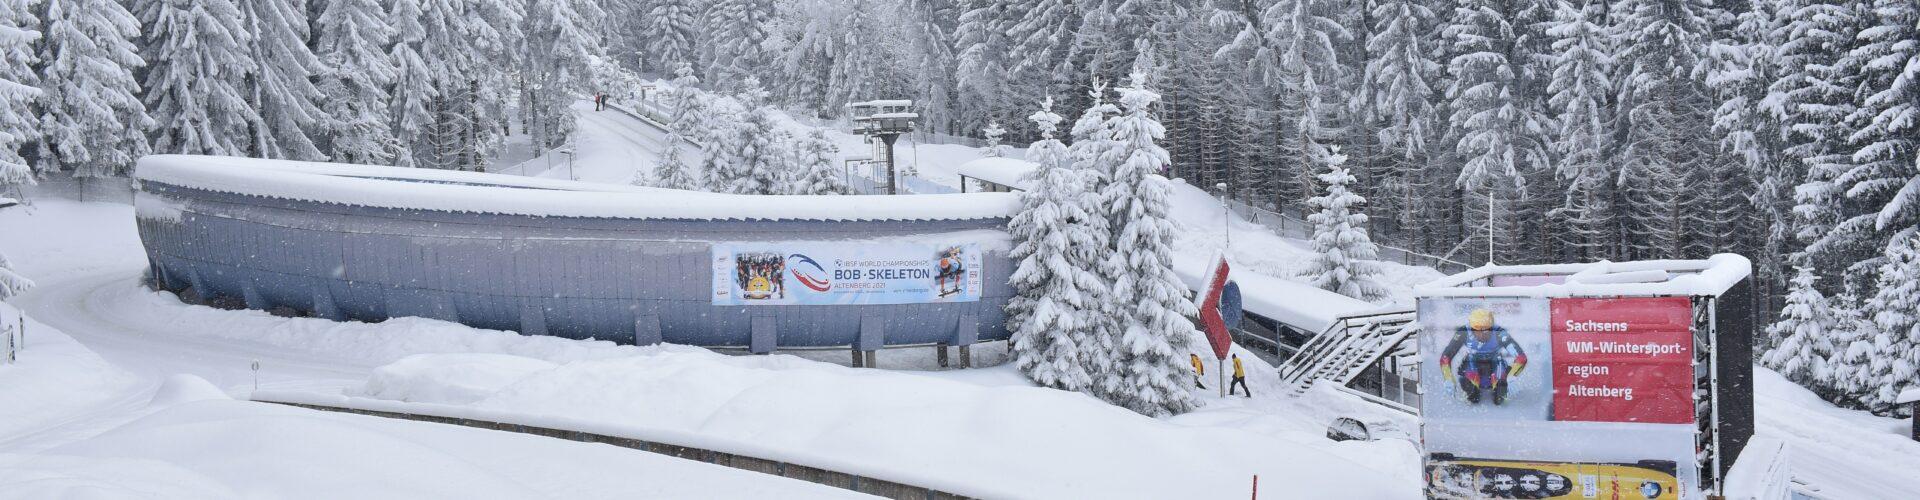 verschneite Bobbahn Altenberg  Foto: Egbert Kamprath